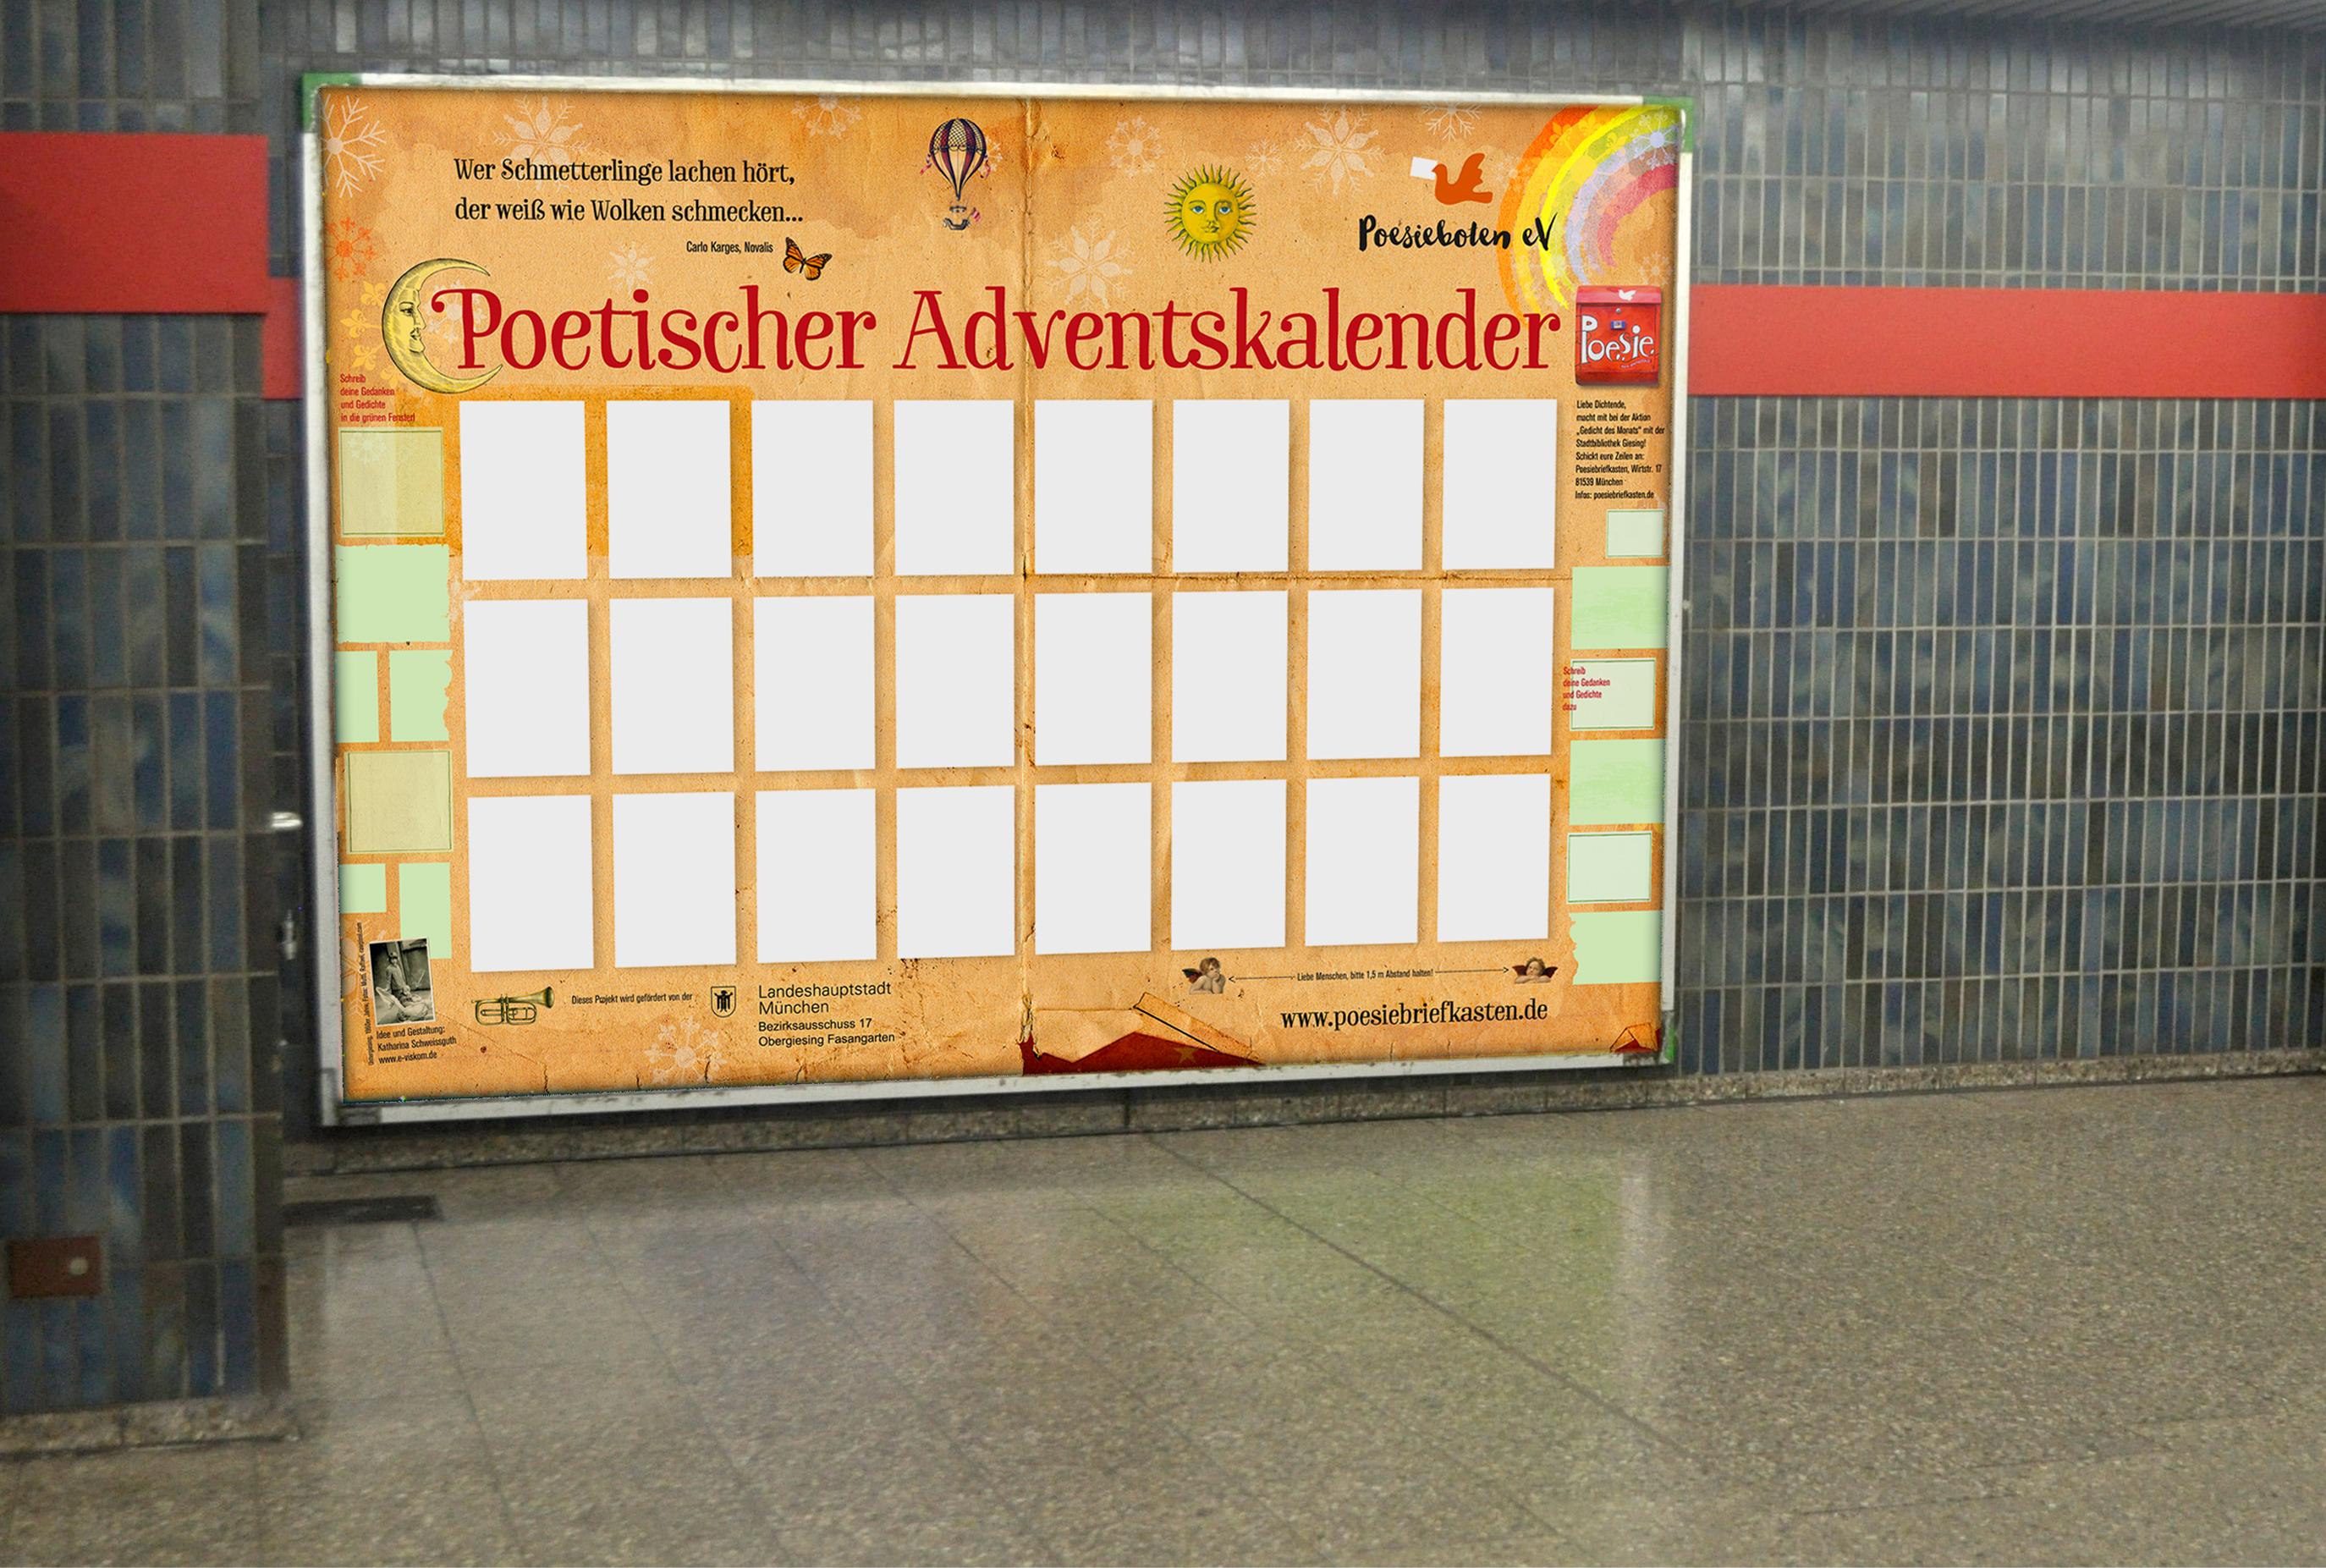 https://www.literaturportal-bayern.de/images/lpbblogs/instblog/2020/gross/Mockup2020.jpg